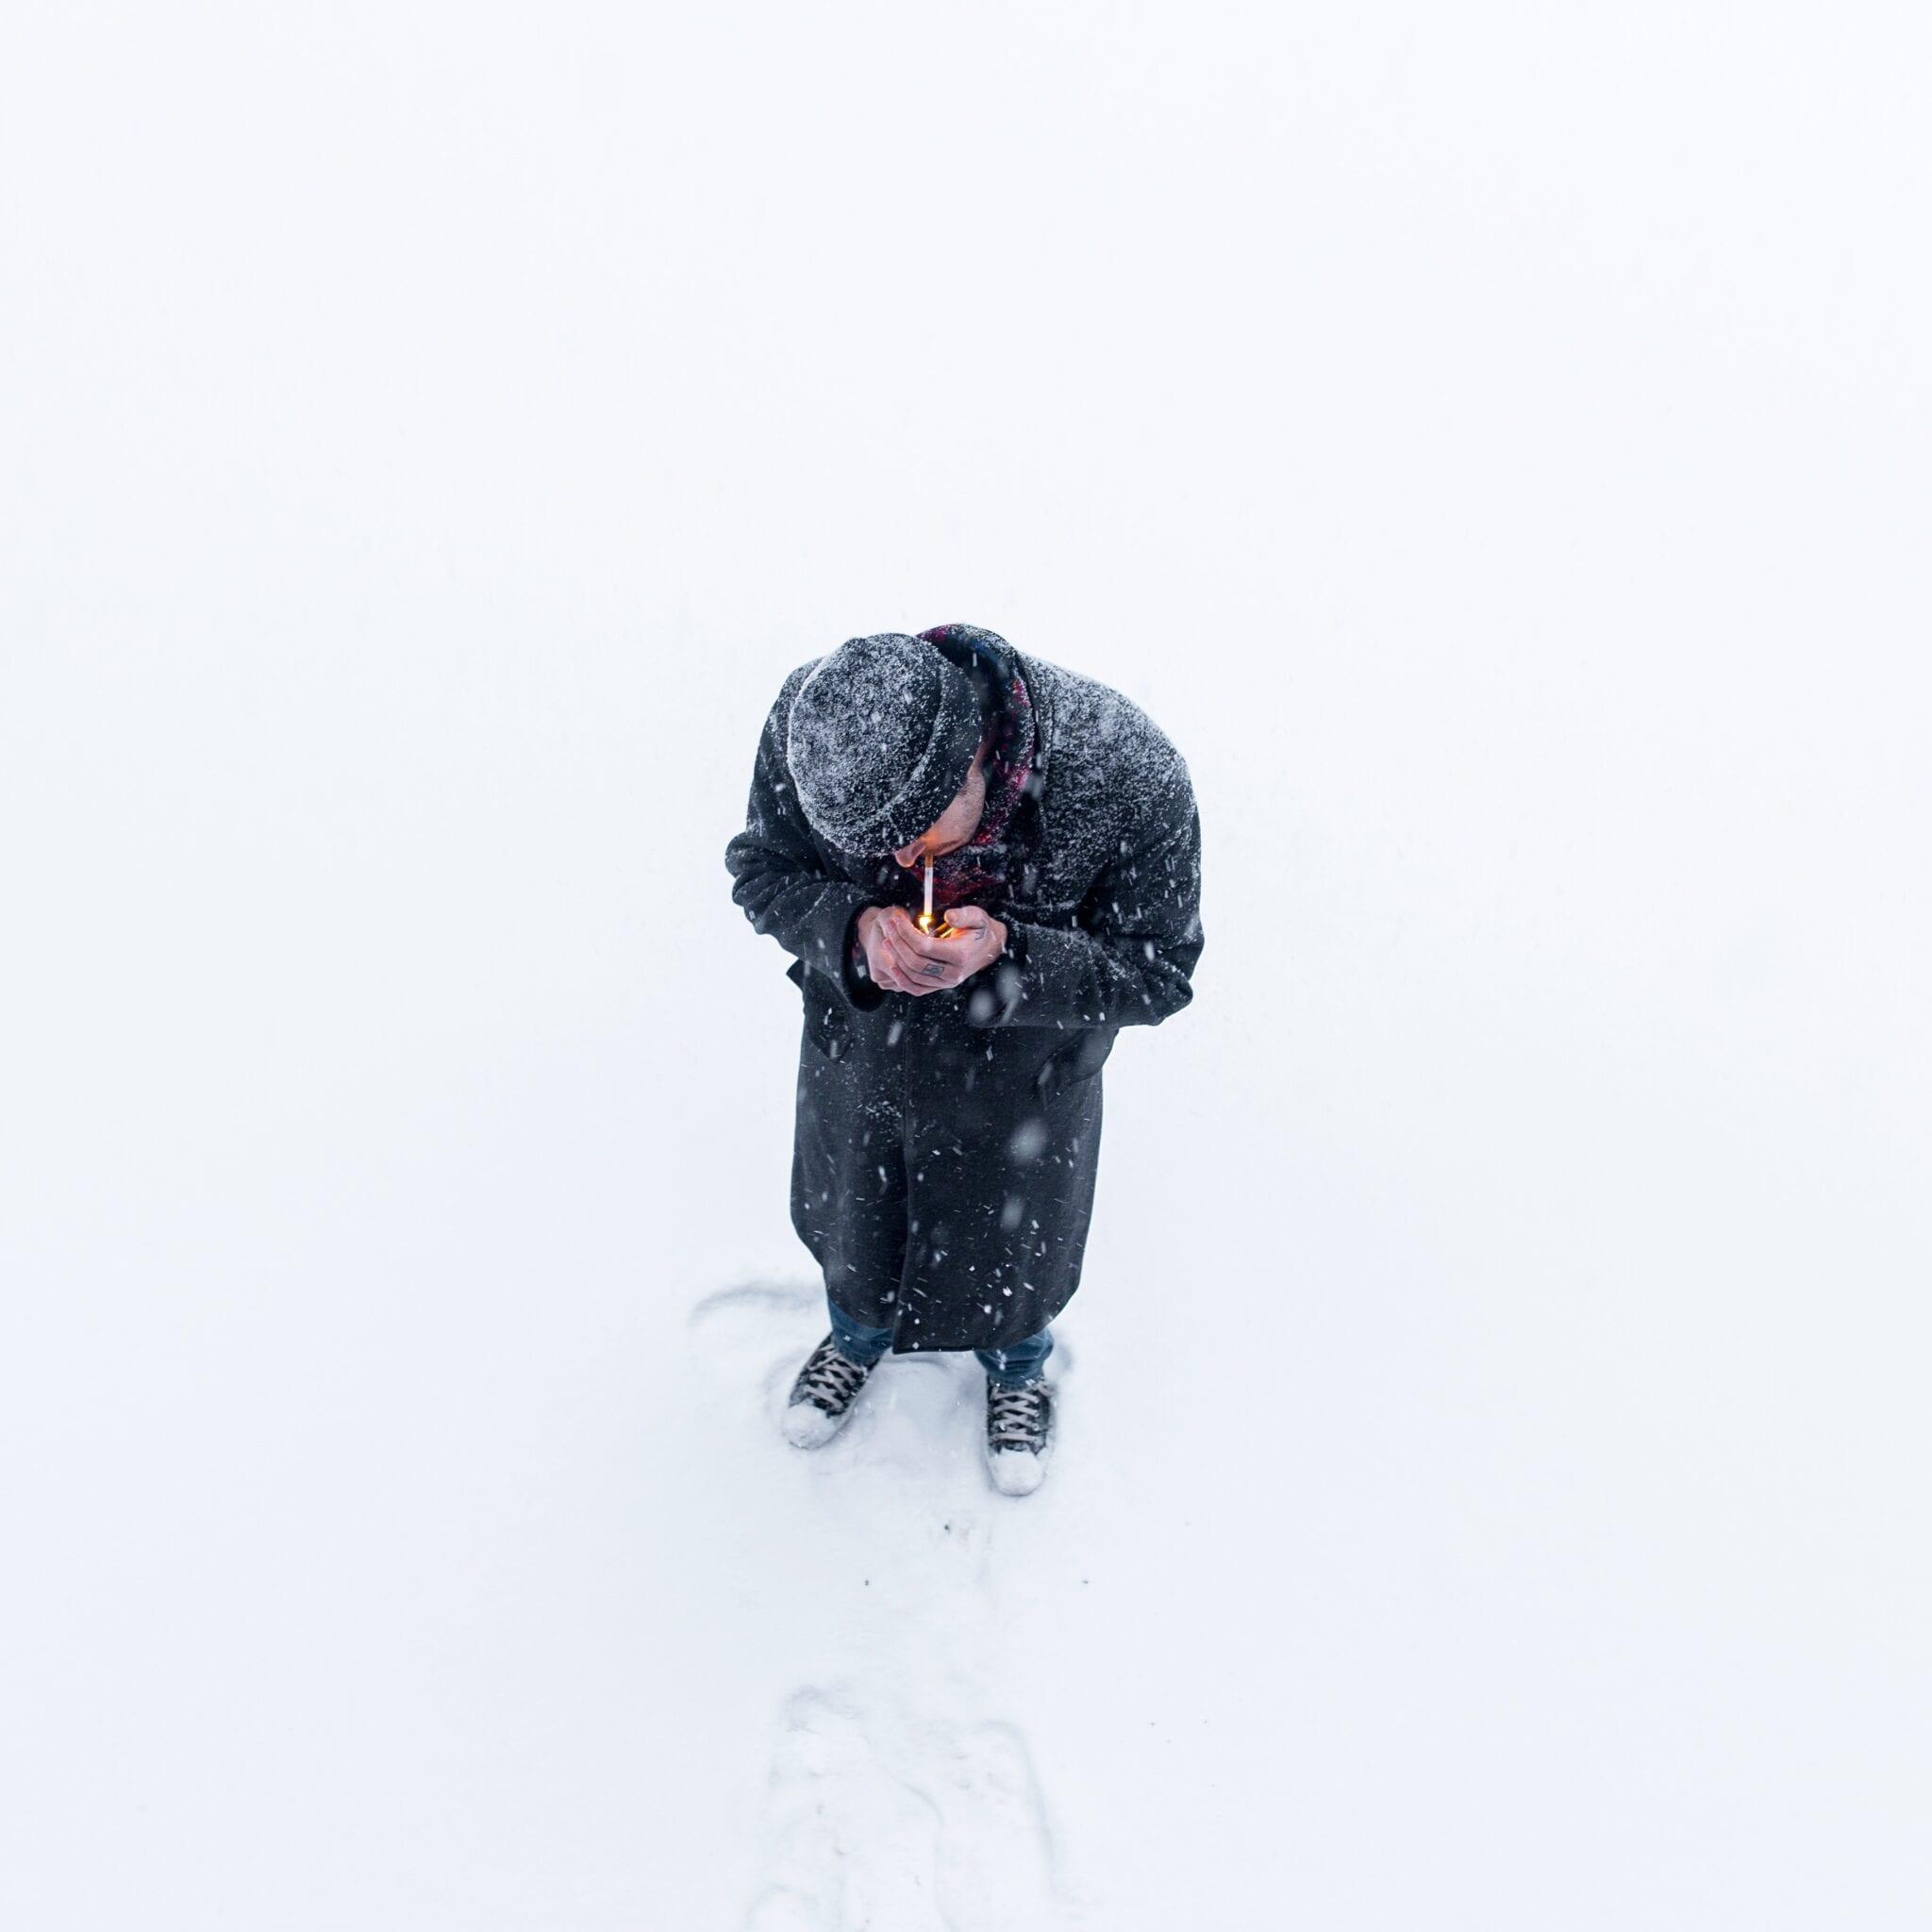 Rookverbod in Oostenrijk sneeuw